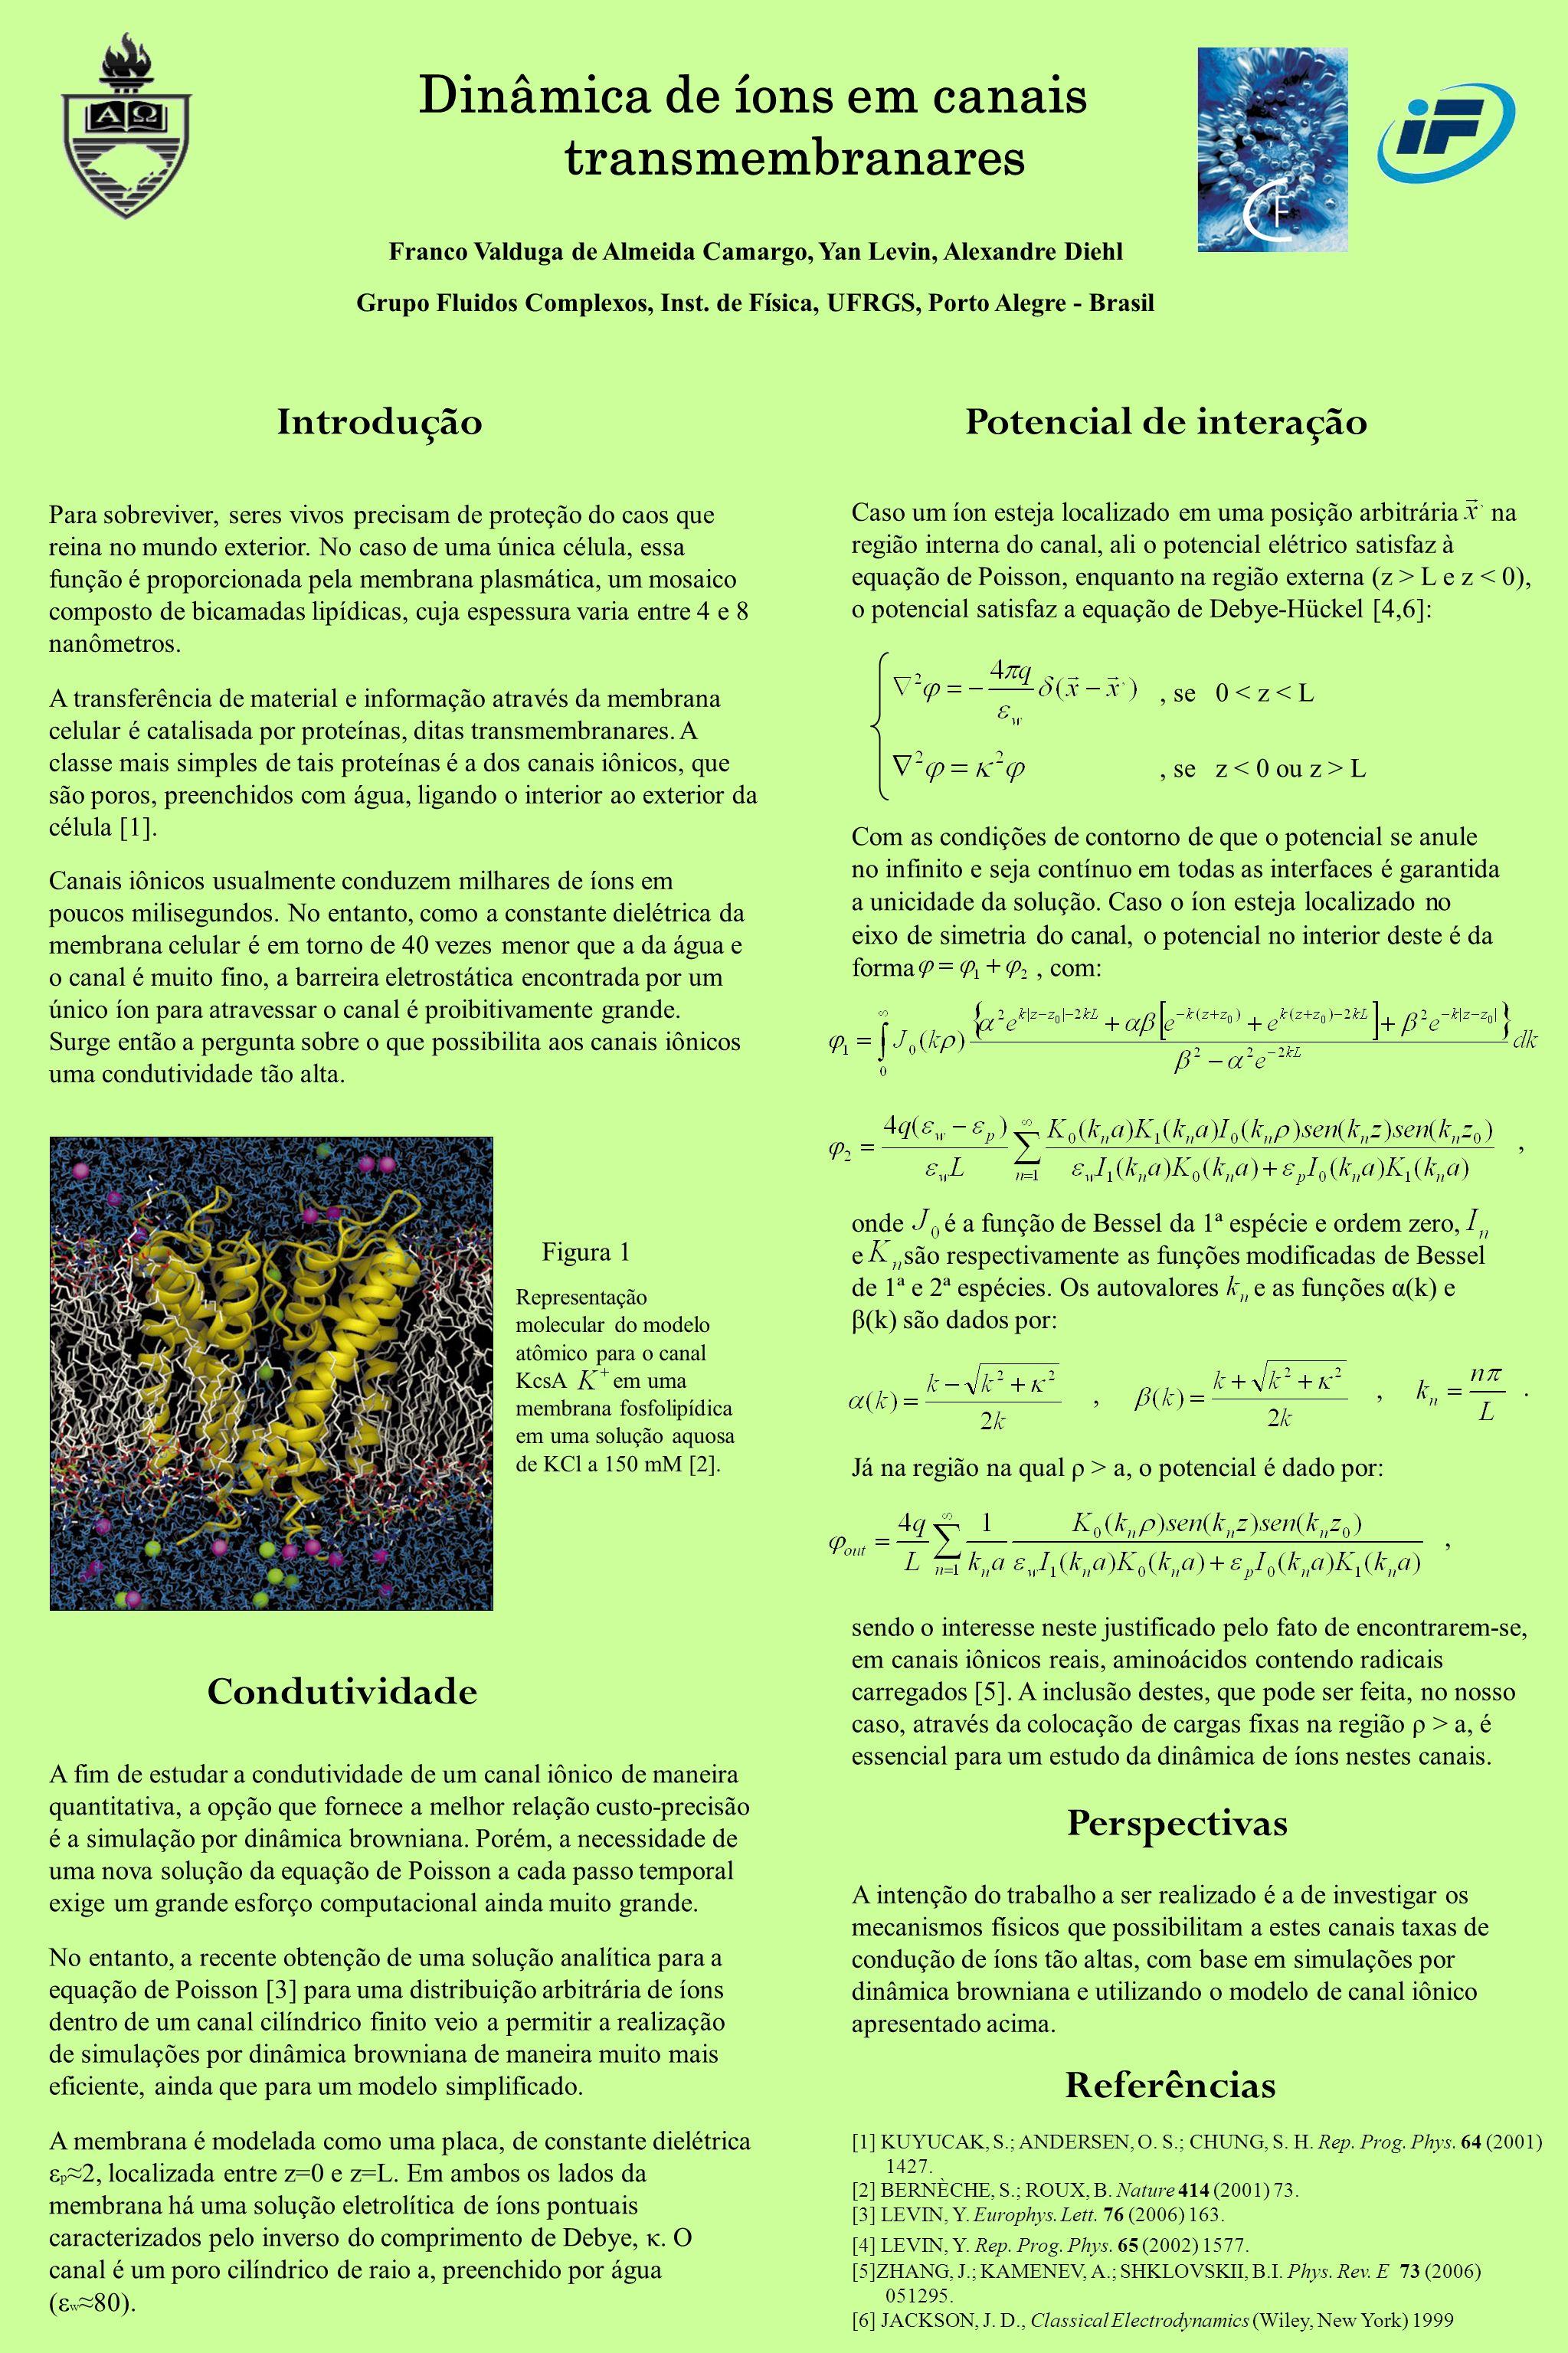 Dinâmica de íons em canais transmembranares